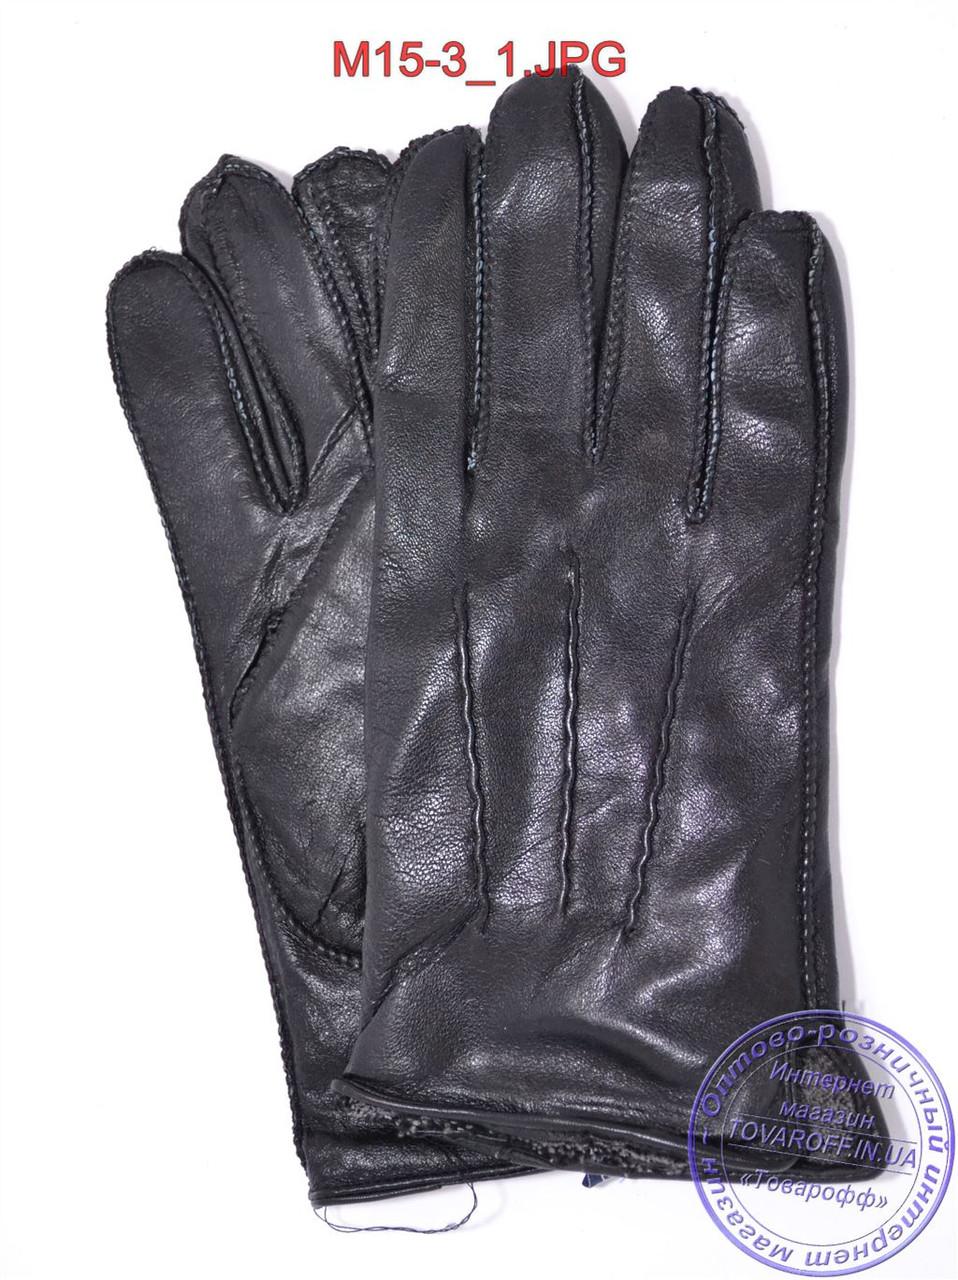 Мужские кожаные перчатки с махровой подкладкой (наружный шов) - №M15-3